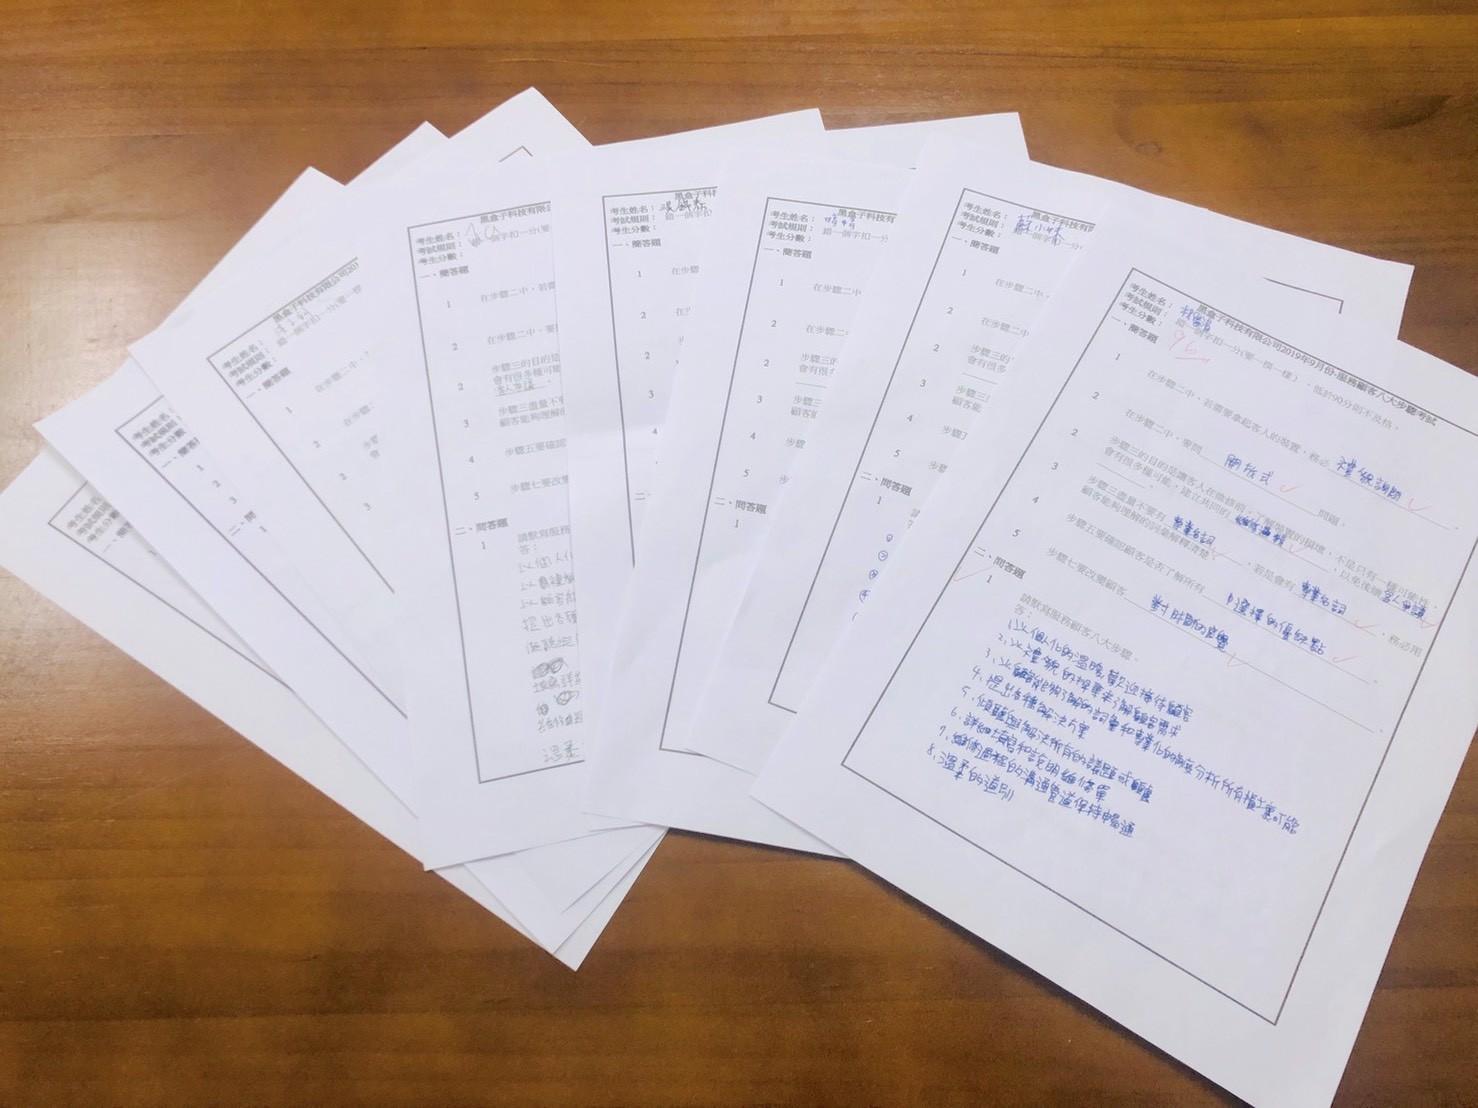 黑盒子3C維修中心升等考試_9/12加盟主門市L1-1企業文化考試成績